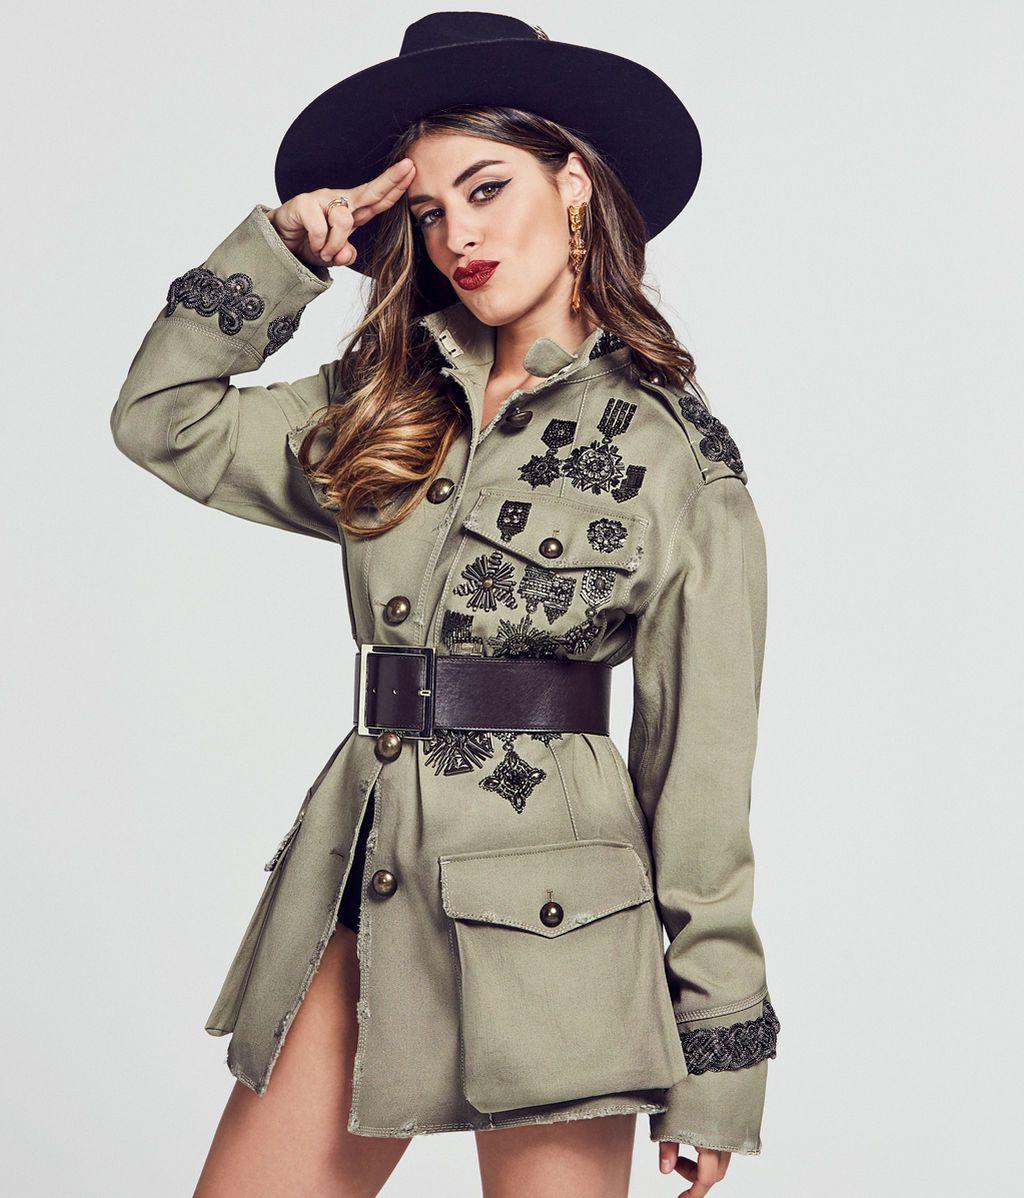 ¿Quién dijo que lo militar no es sexy y femenino?